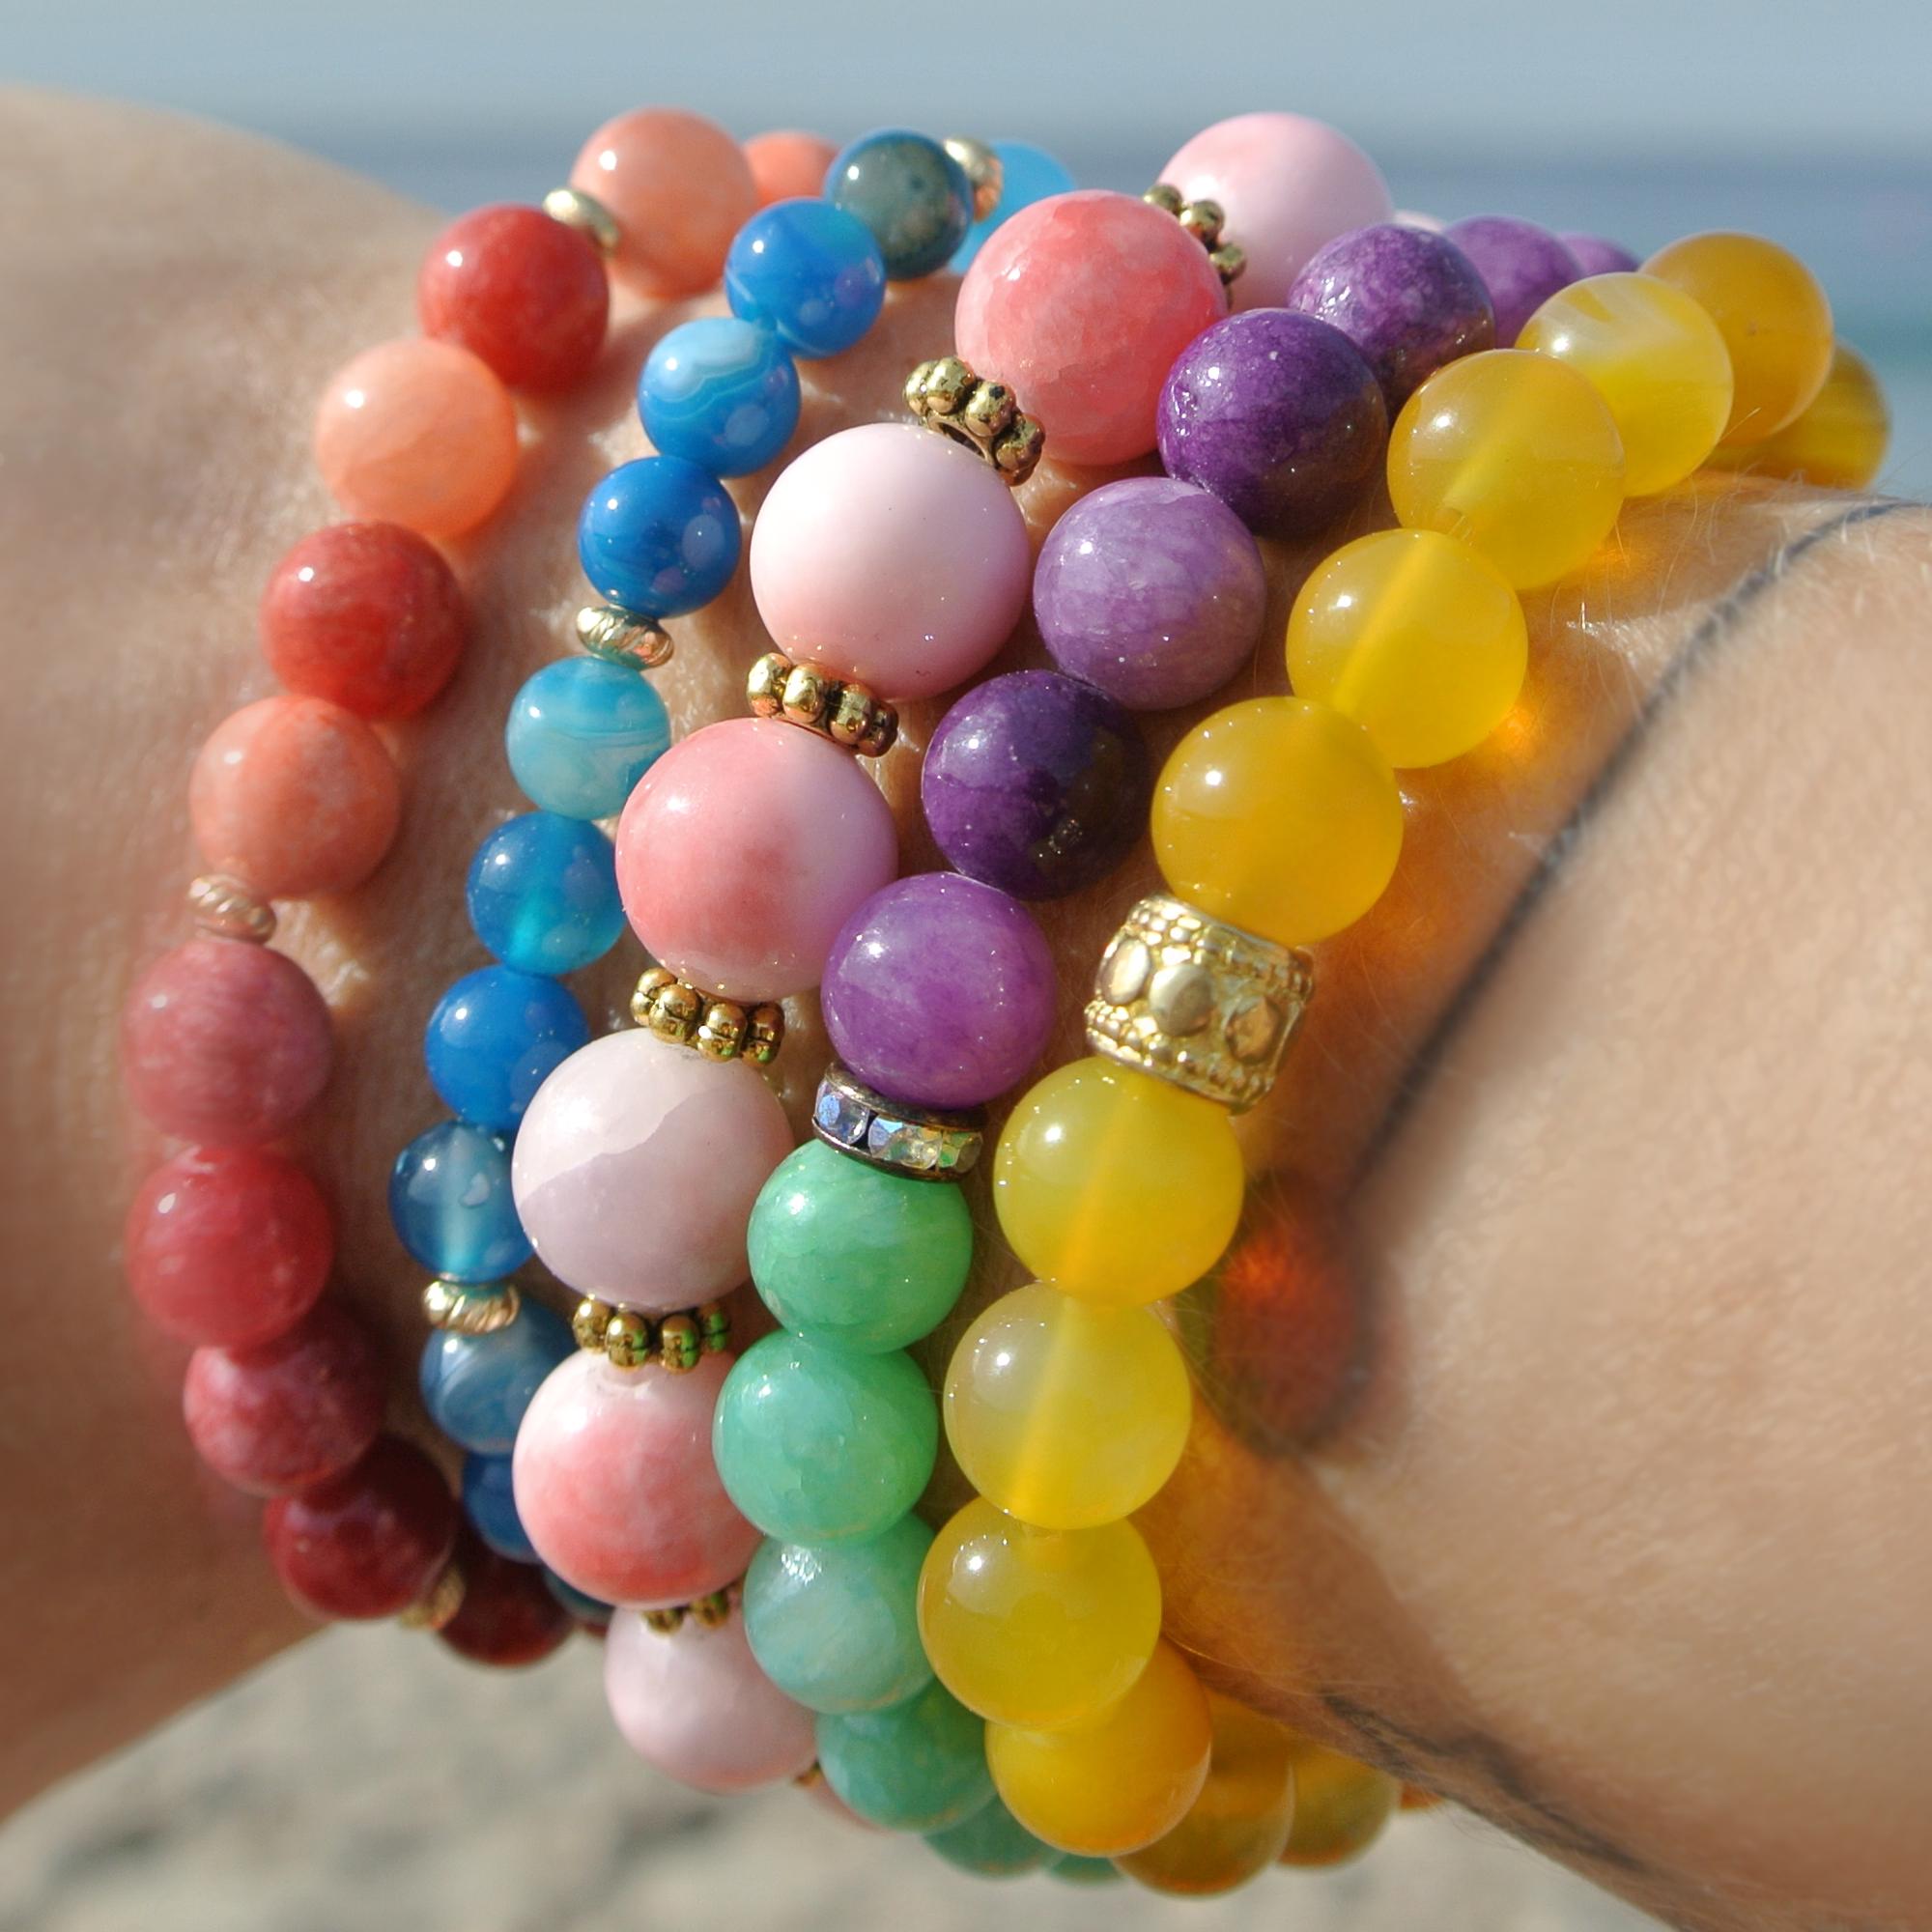 utilisation durable les plus récents divers styles Colorful Artist Semi Precious Stone Bracelet Set